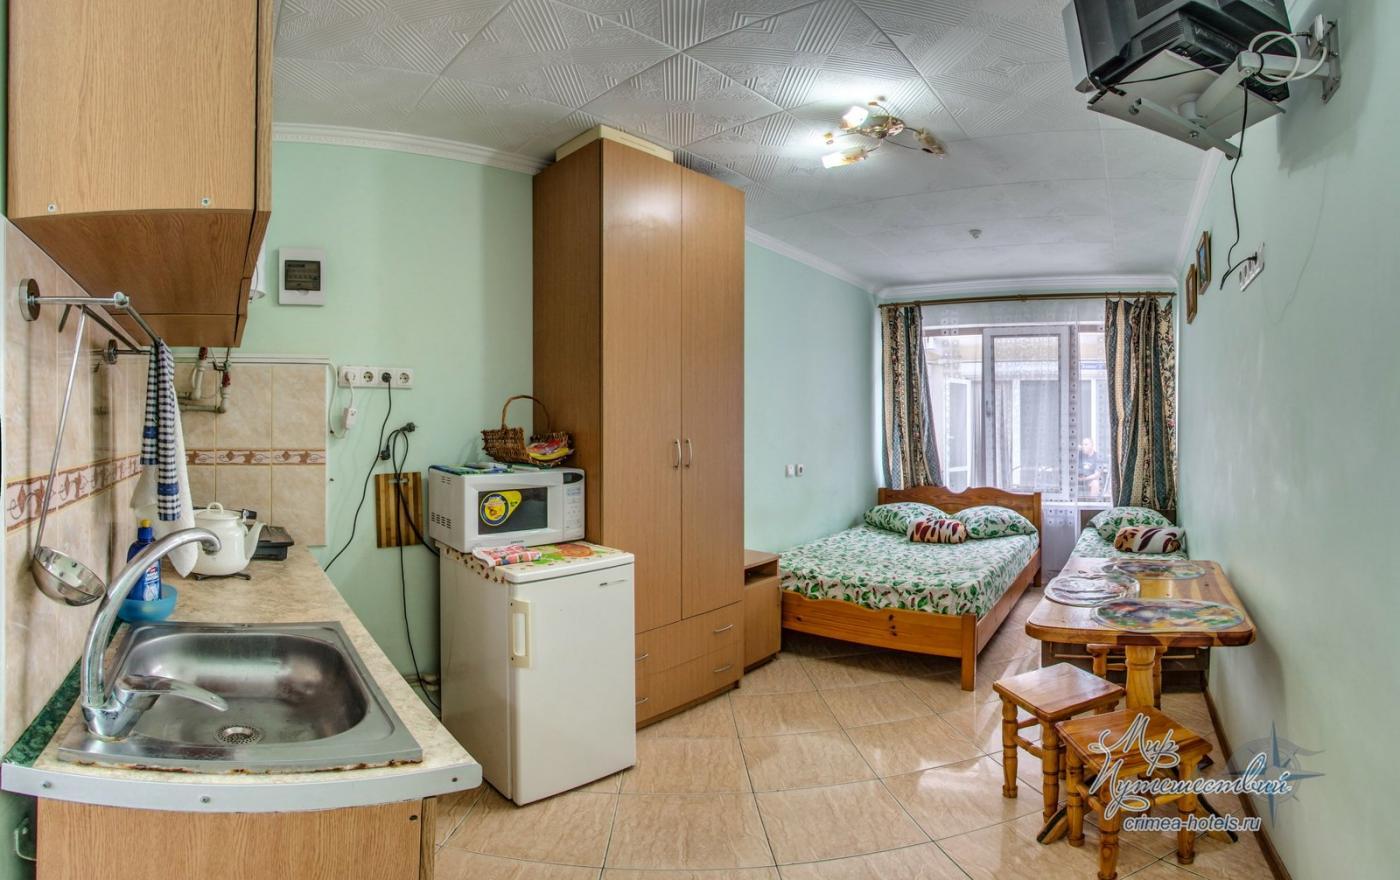 Апарт-отель Эллинги У моря (Дельфин 93) Евпатория 1 комнатный  2-3 местный №27